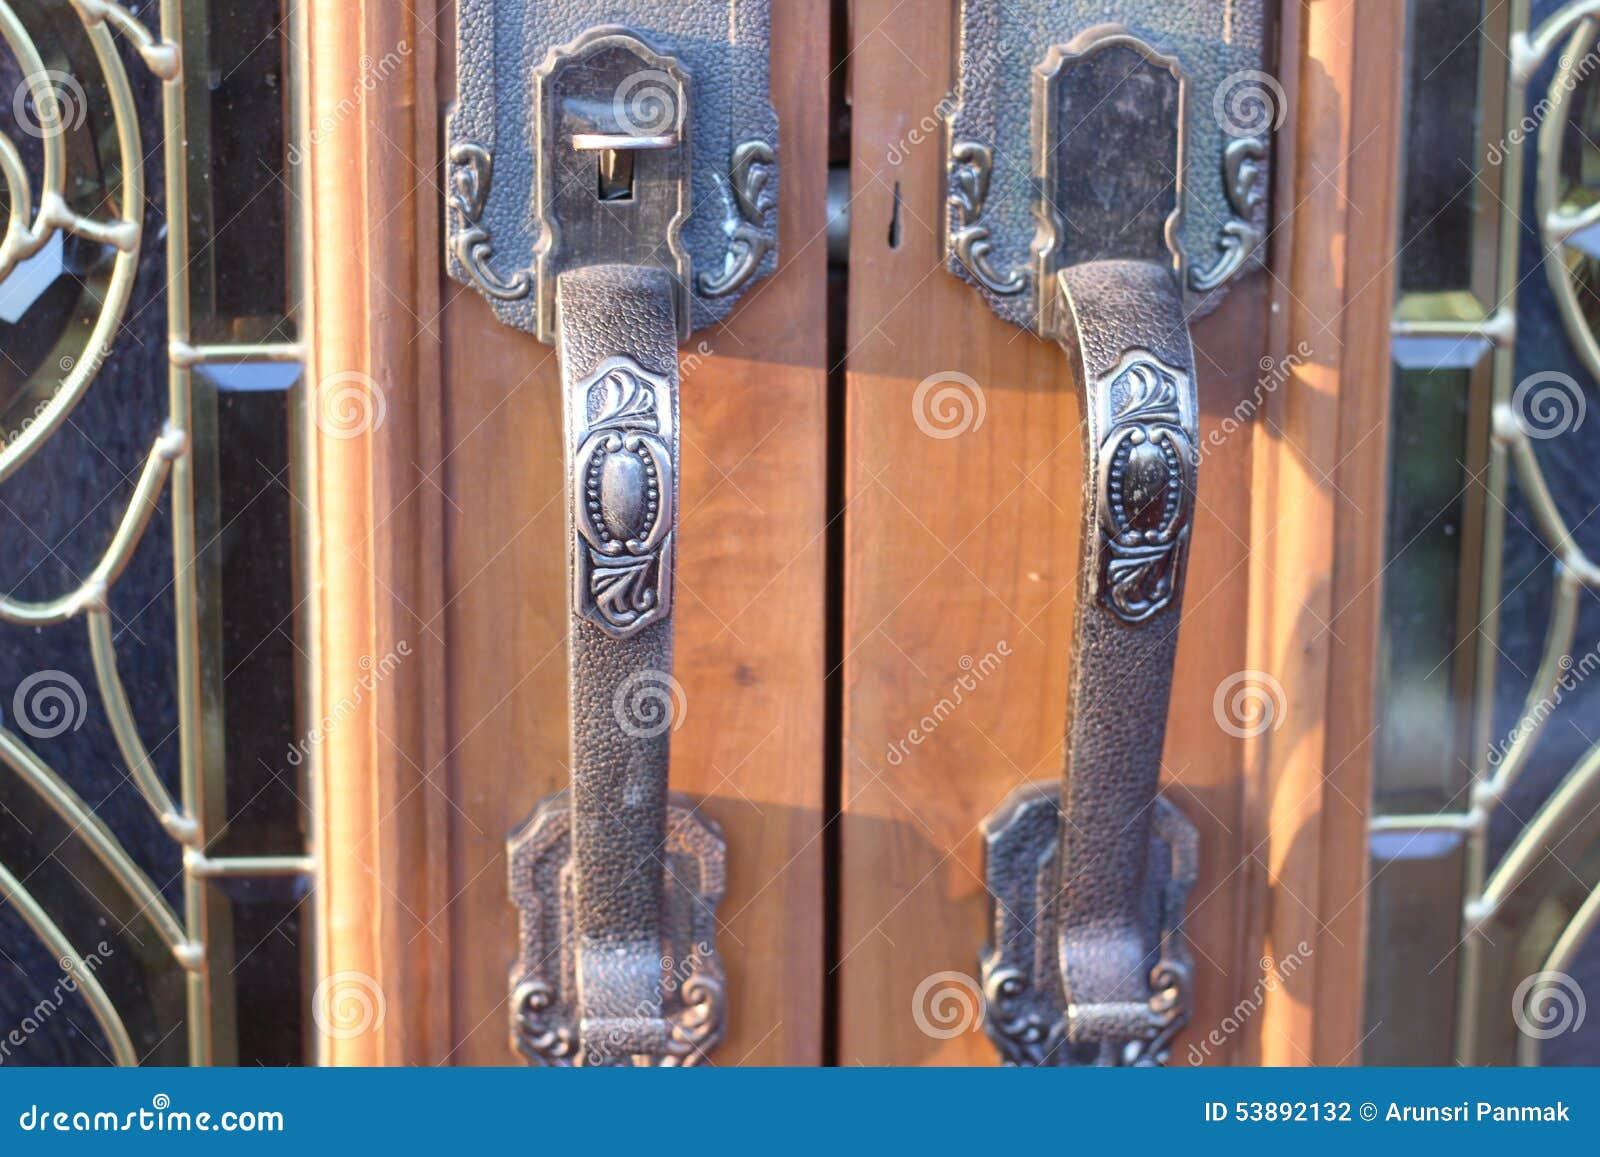 Door handles are metal pattern beautiful stock photo for Beautiful door handles